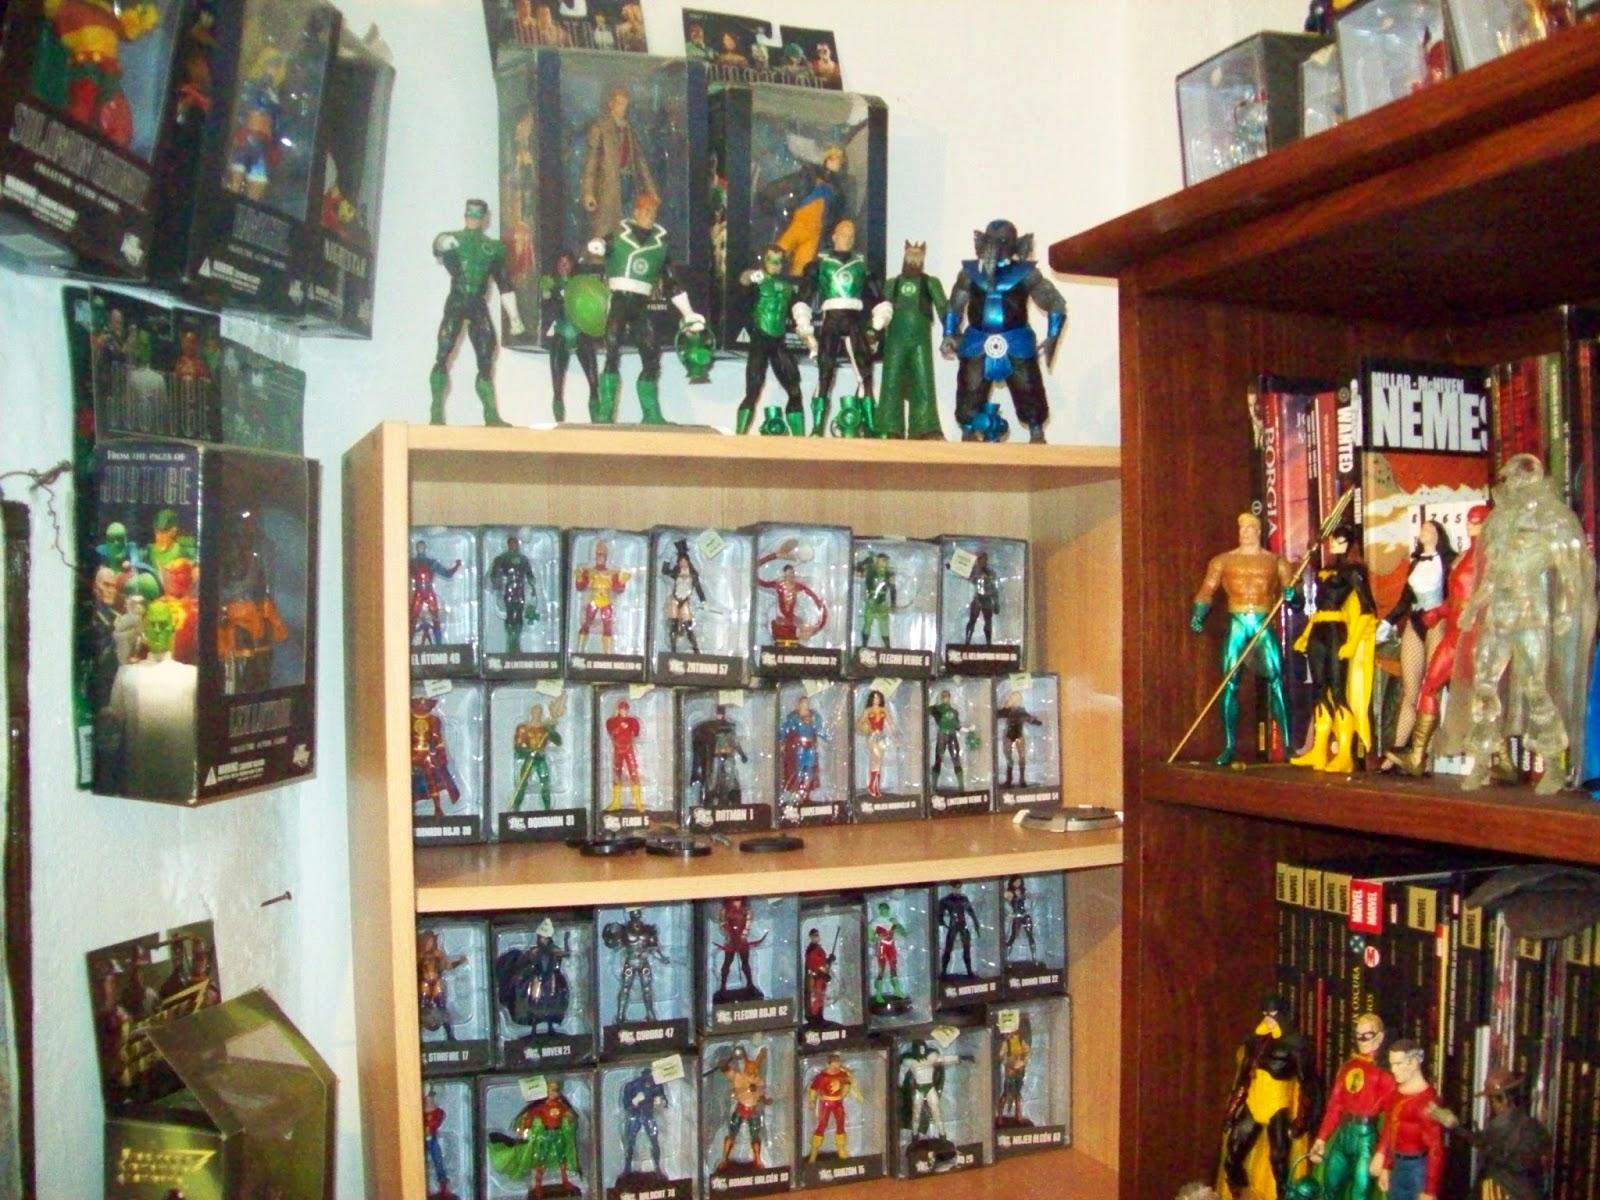 [COMICS] Colecciones de Comics ¿Quién la tiene más grande?  - Página 6 100_5526